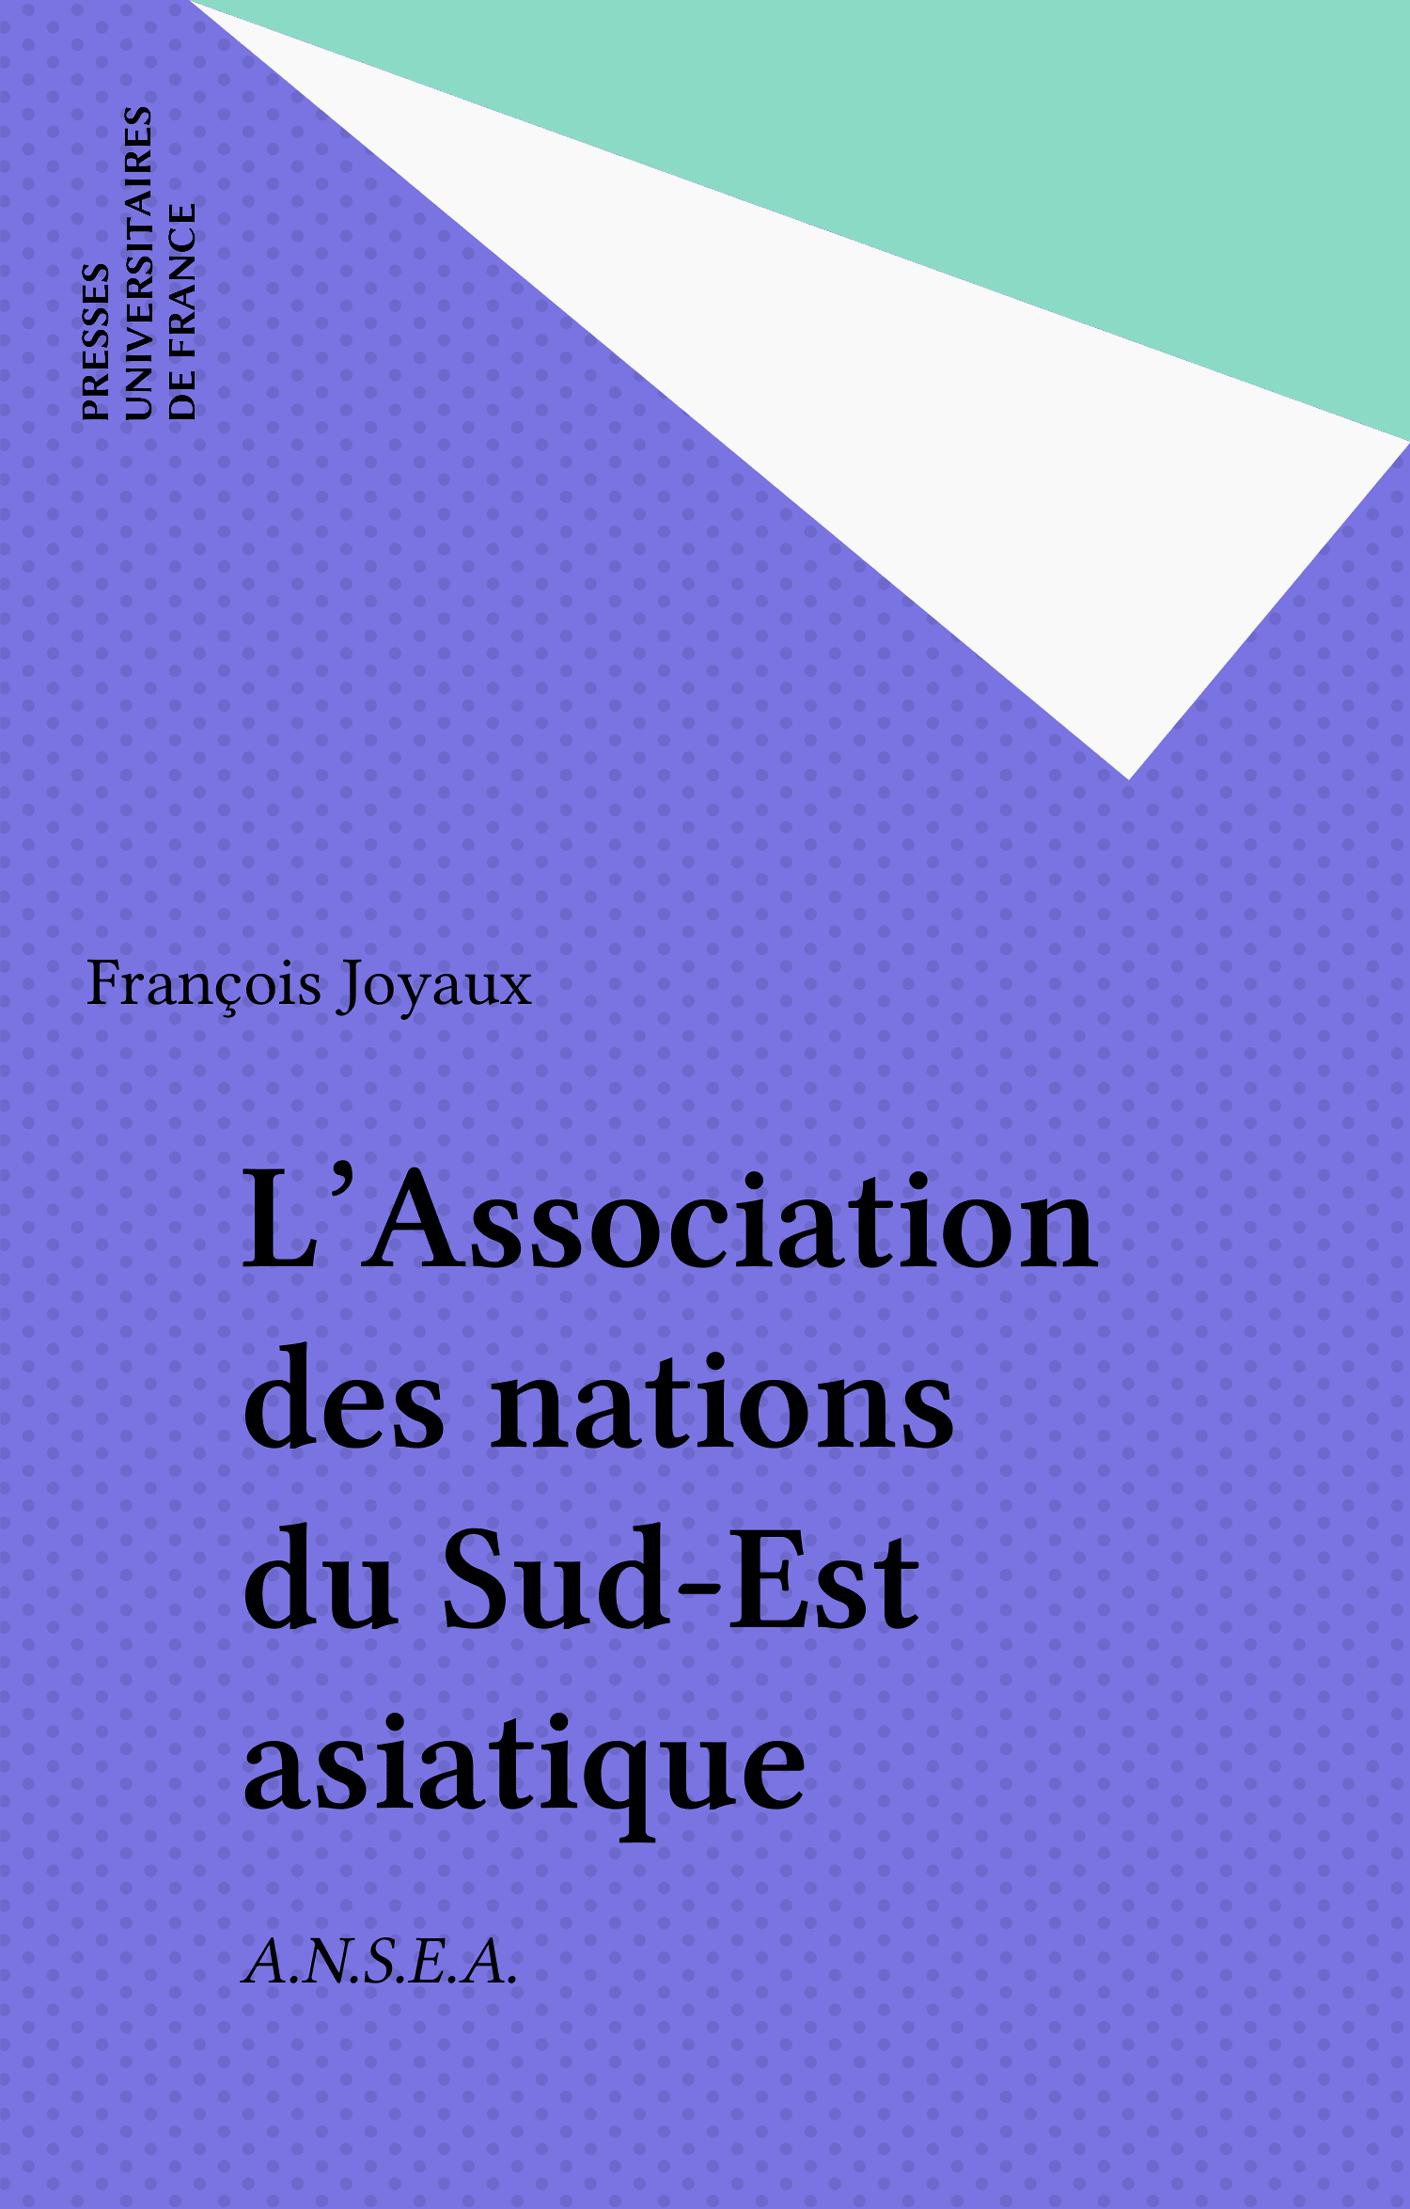 L'Association des nations du Sud-Est asiatique